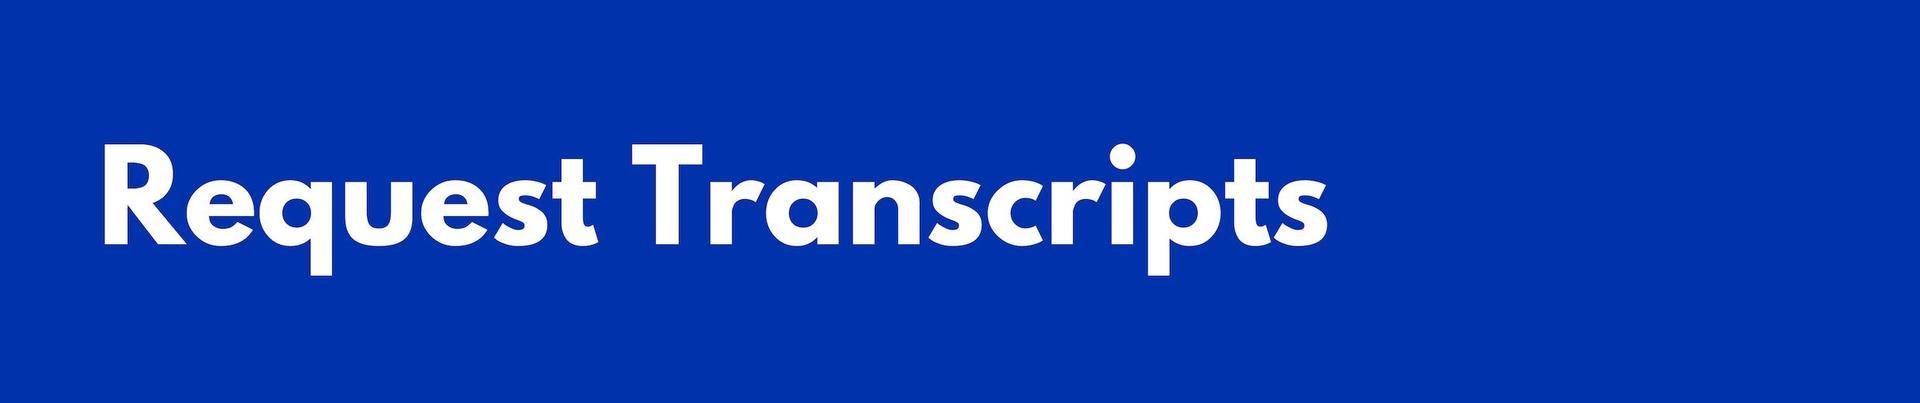 Request Transcripts Header